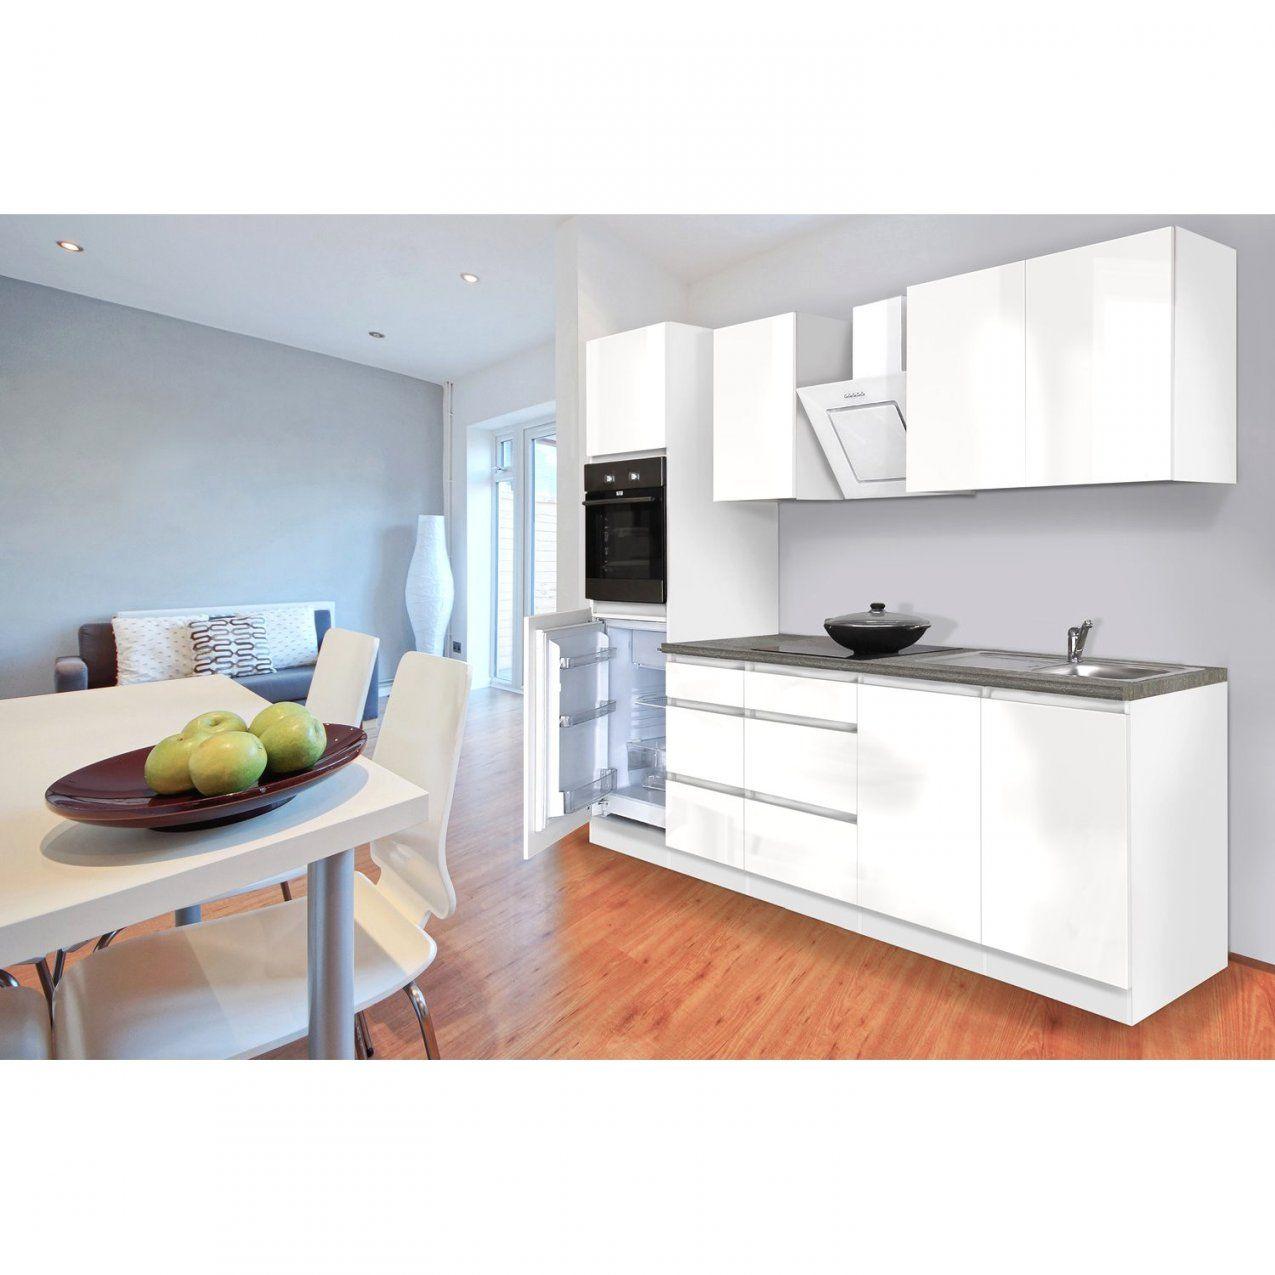 Günstige Ideen Küche 270 Und Brillant Respekta Küchenzeile von Küchenzeile Weiß Hochglanz Günstig Bild